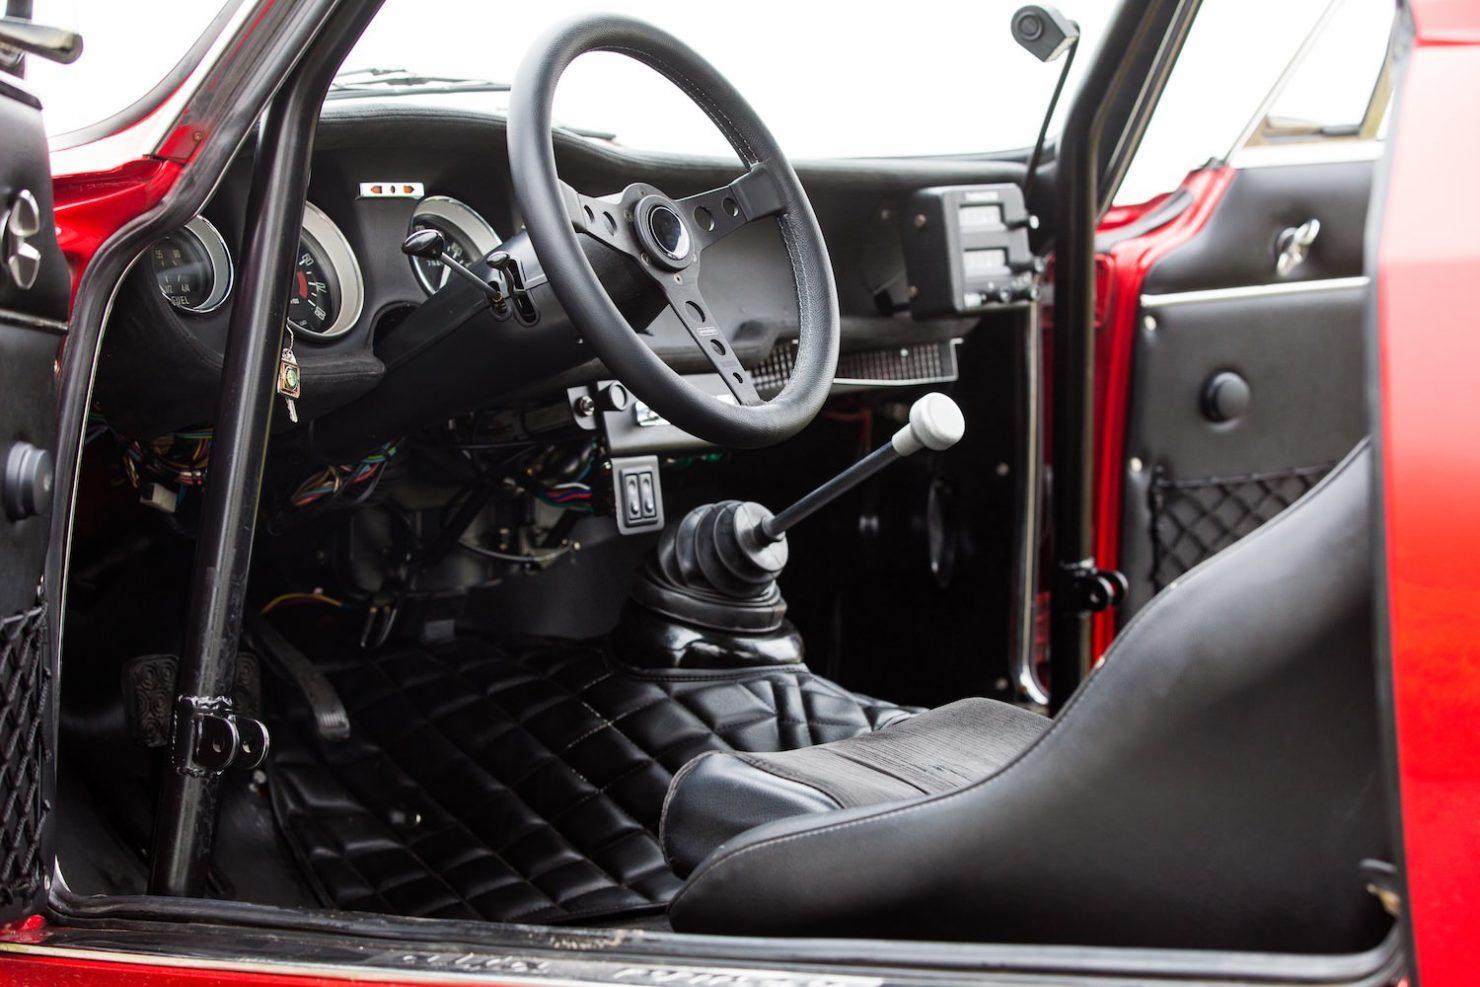 alfa romeo sprint gt veloce 15 1480x987 - 1967 Alfa Romeo Sprint GT Veloce